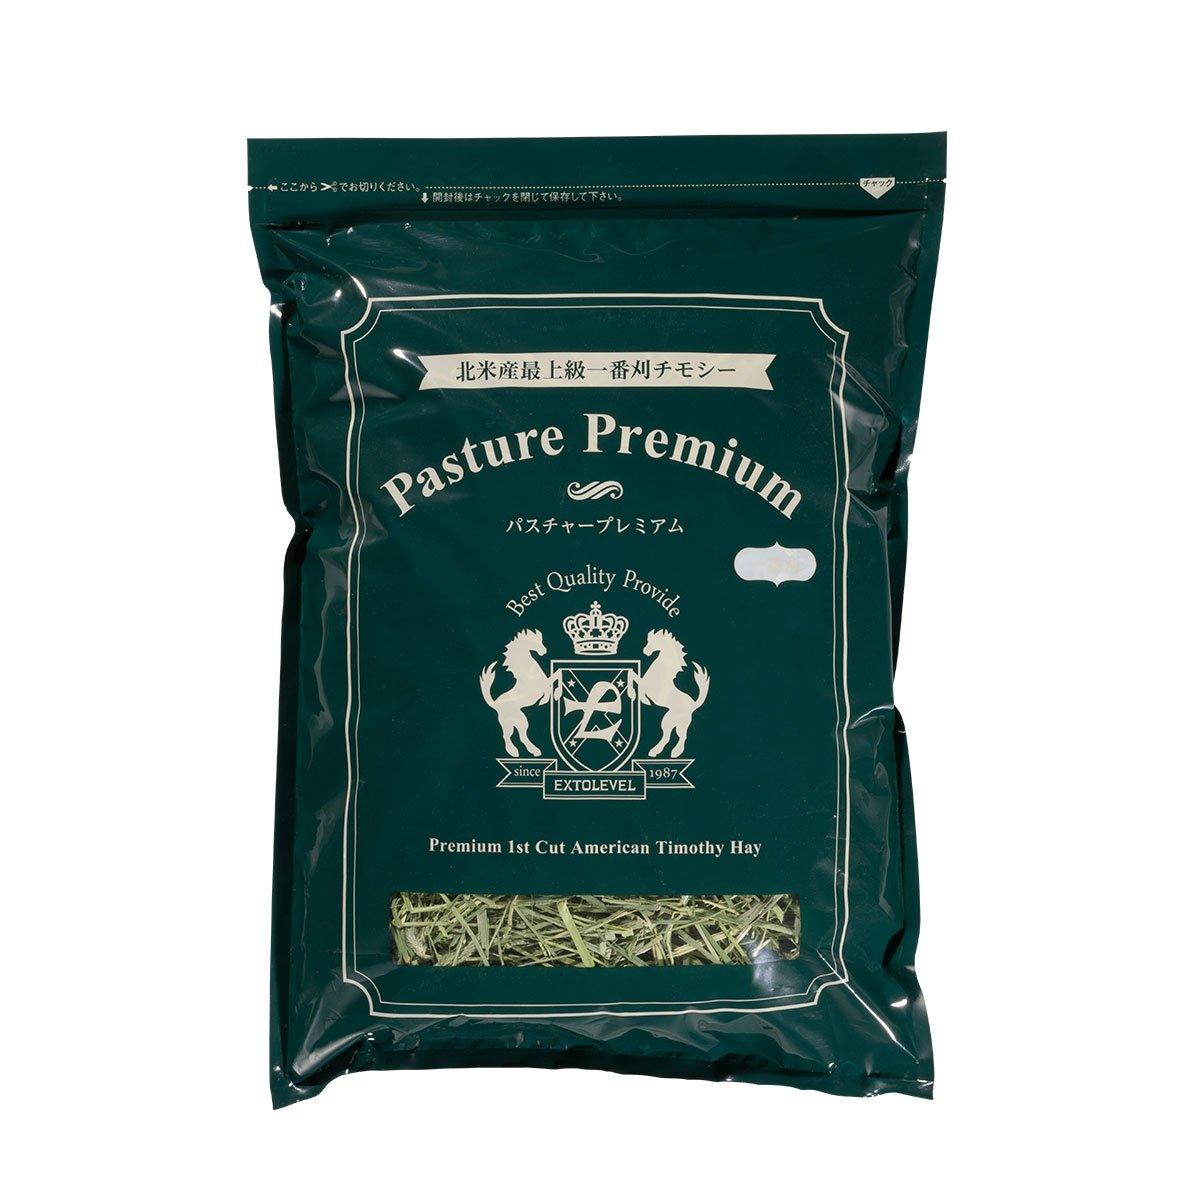 Pasture Premium